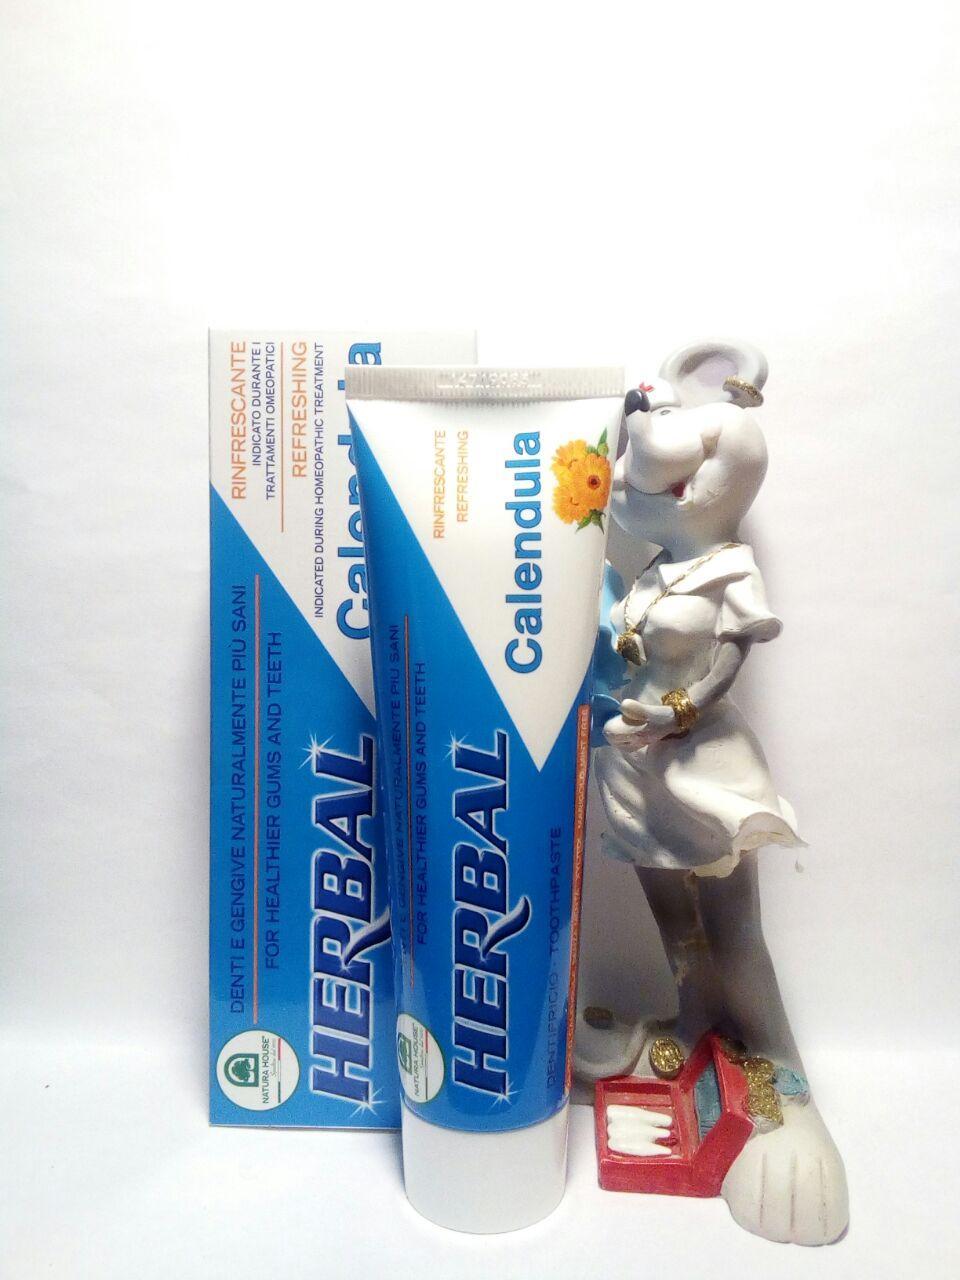 Покупаете натуральную итальянскую зубную пасту с календулой без мяты для защиты от кариеса и чуствительных десен